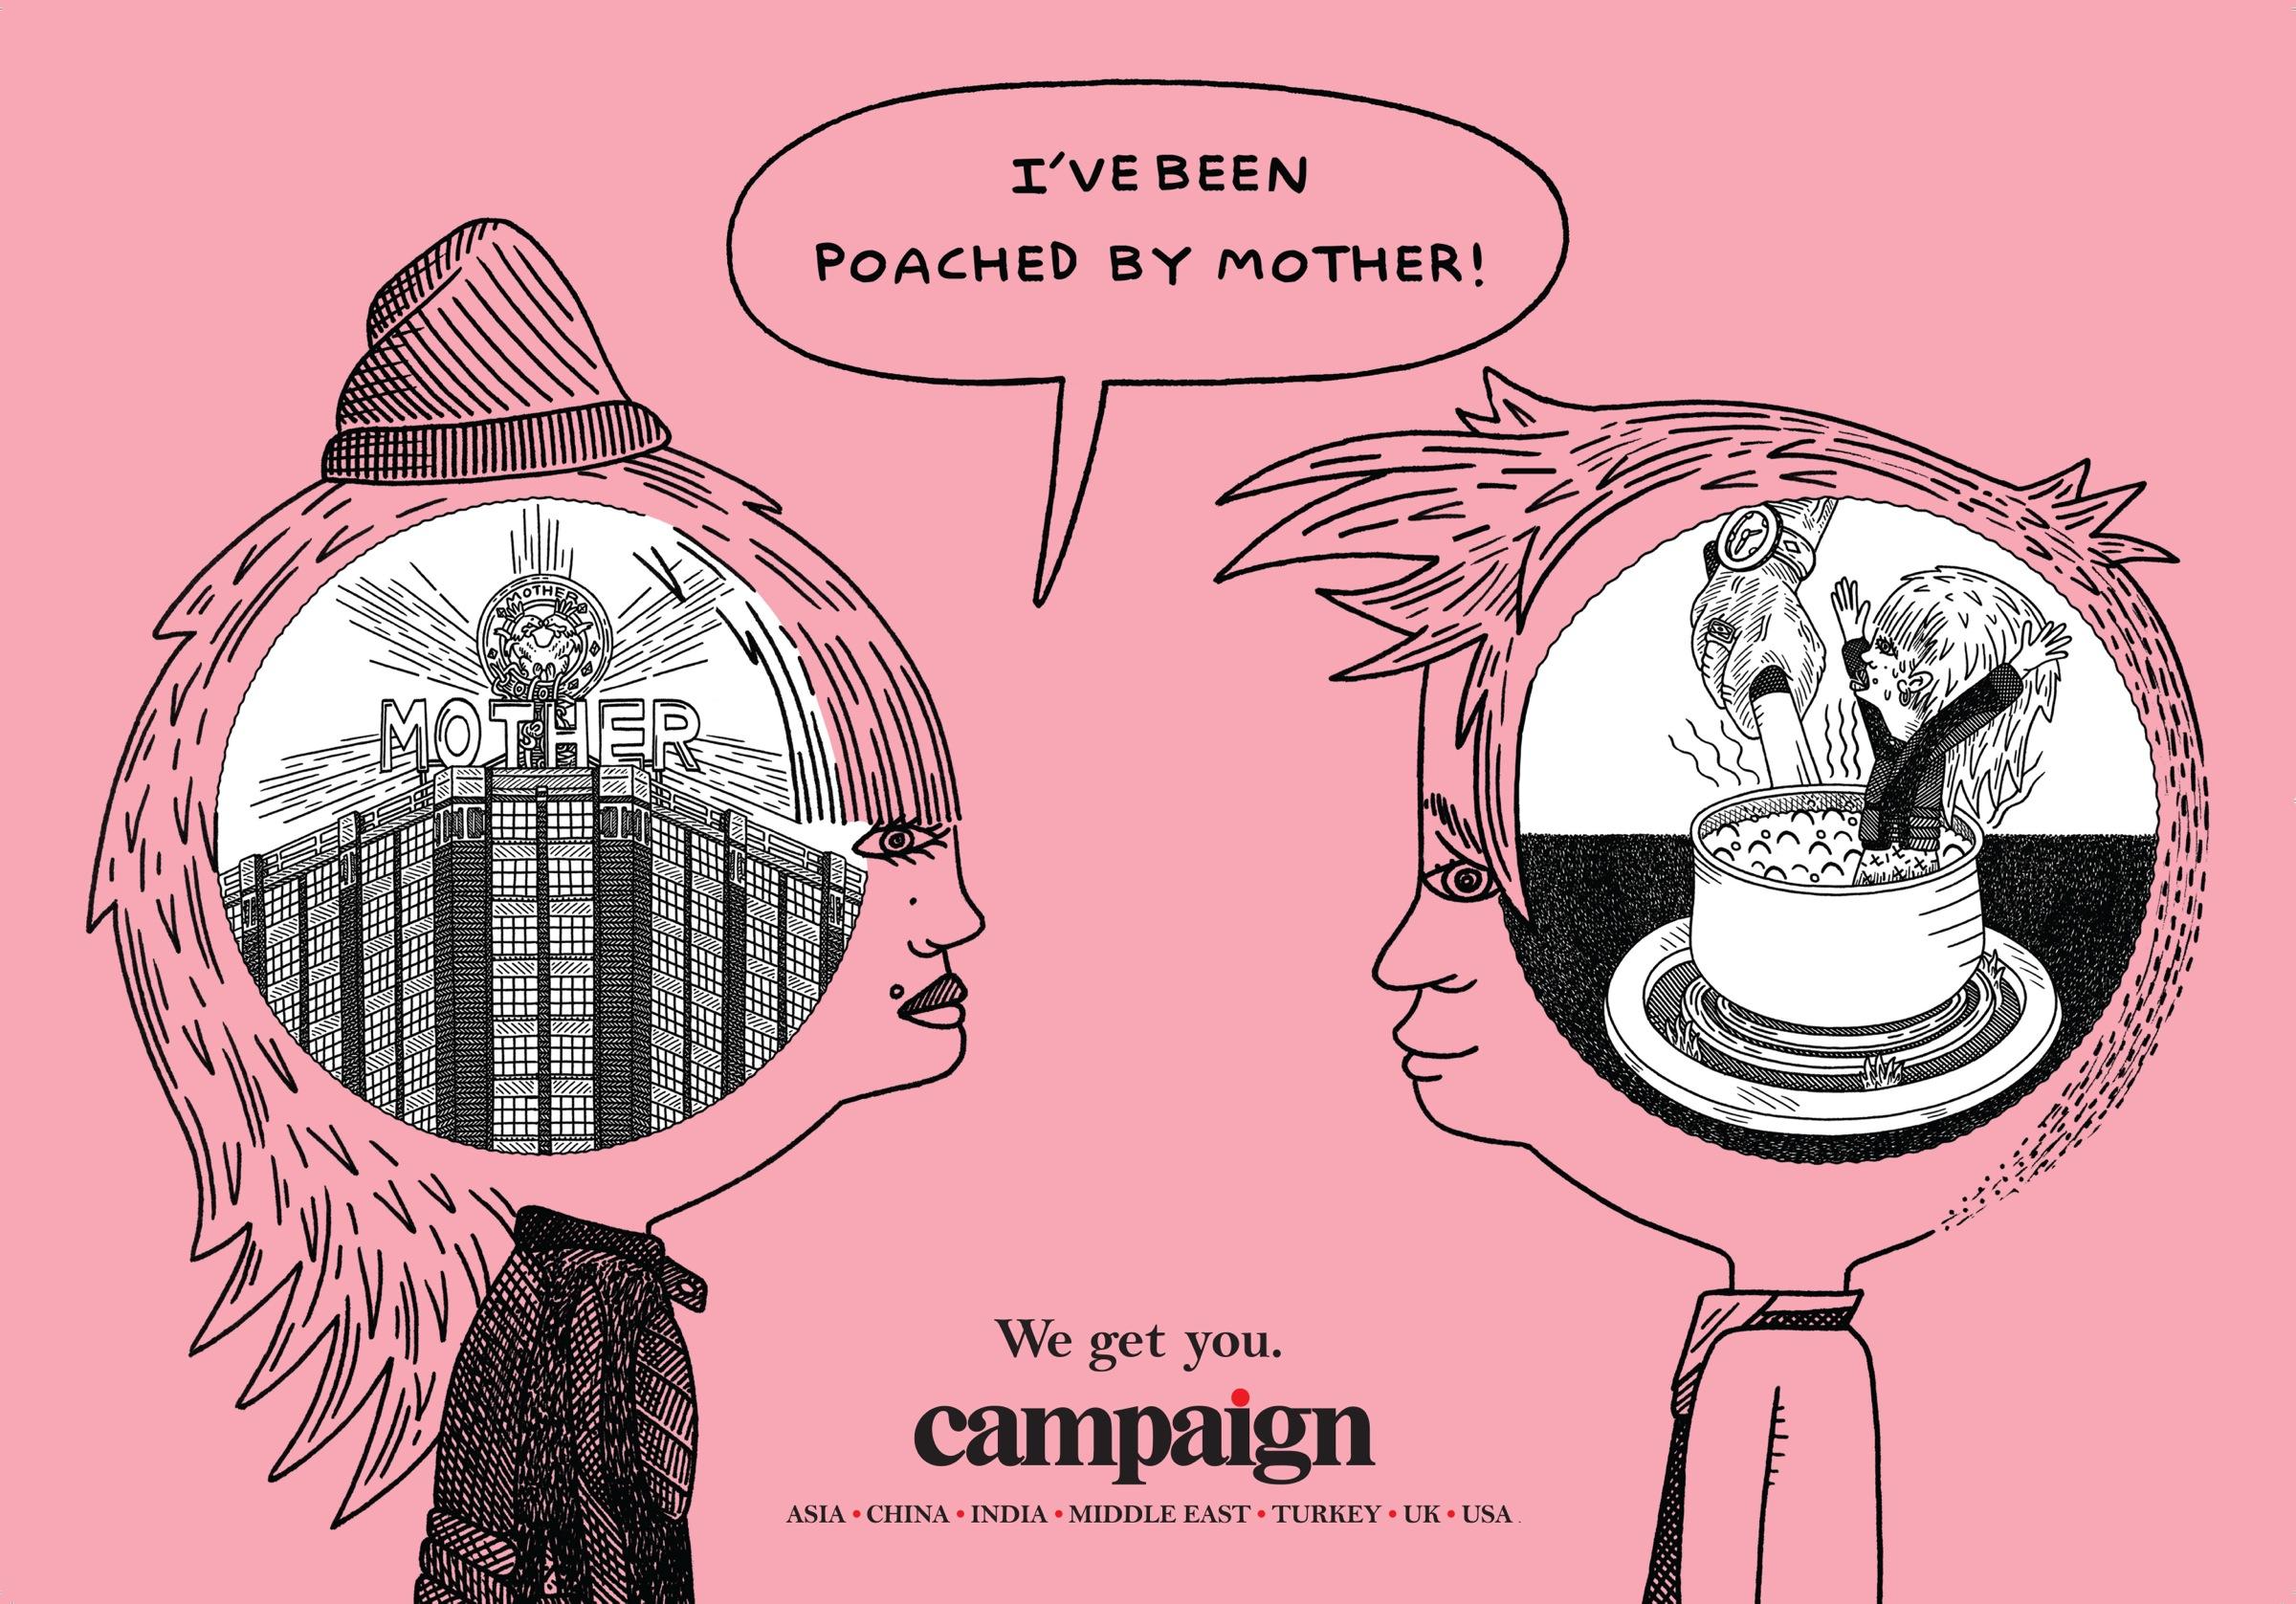 dans-ta-pub-compilation-prints-publicité-affiche-créative-créativité-88-1